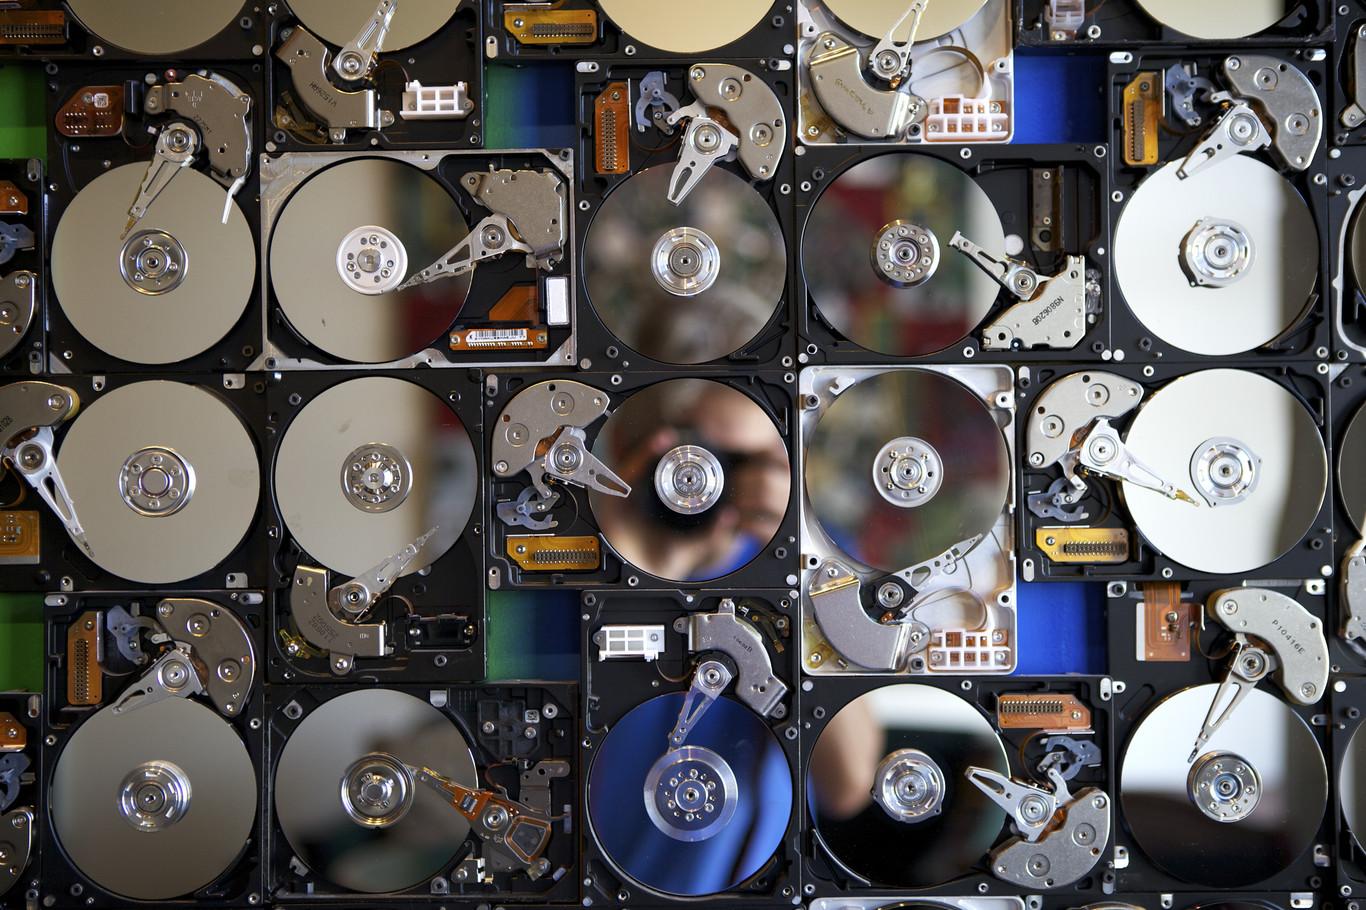 Cómo destruir un disco duro definitivamente para que no se pueda recuperar la información